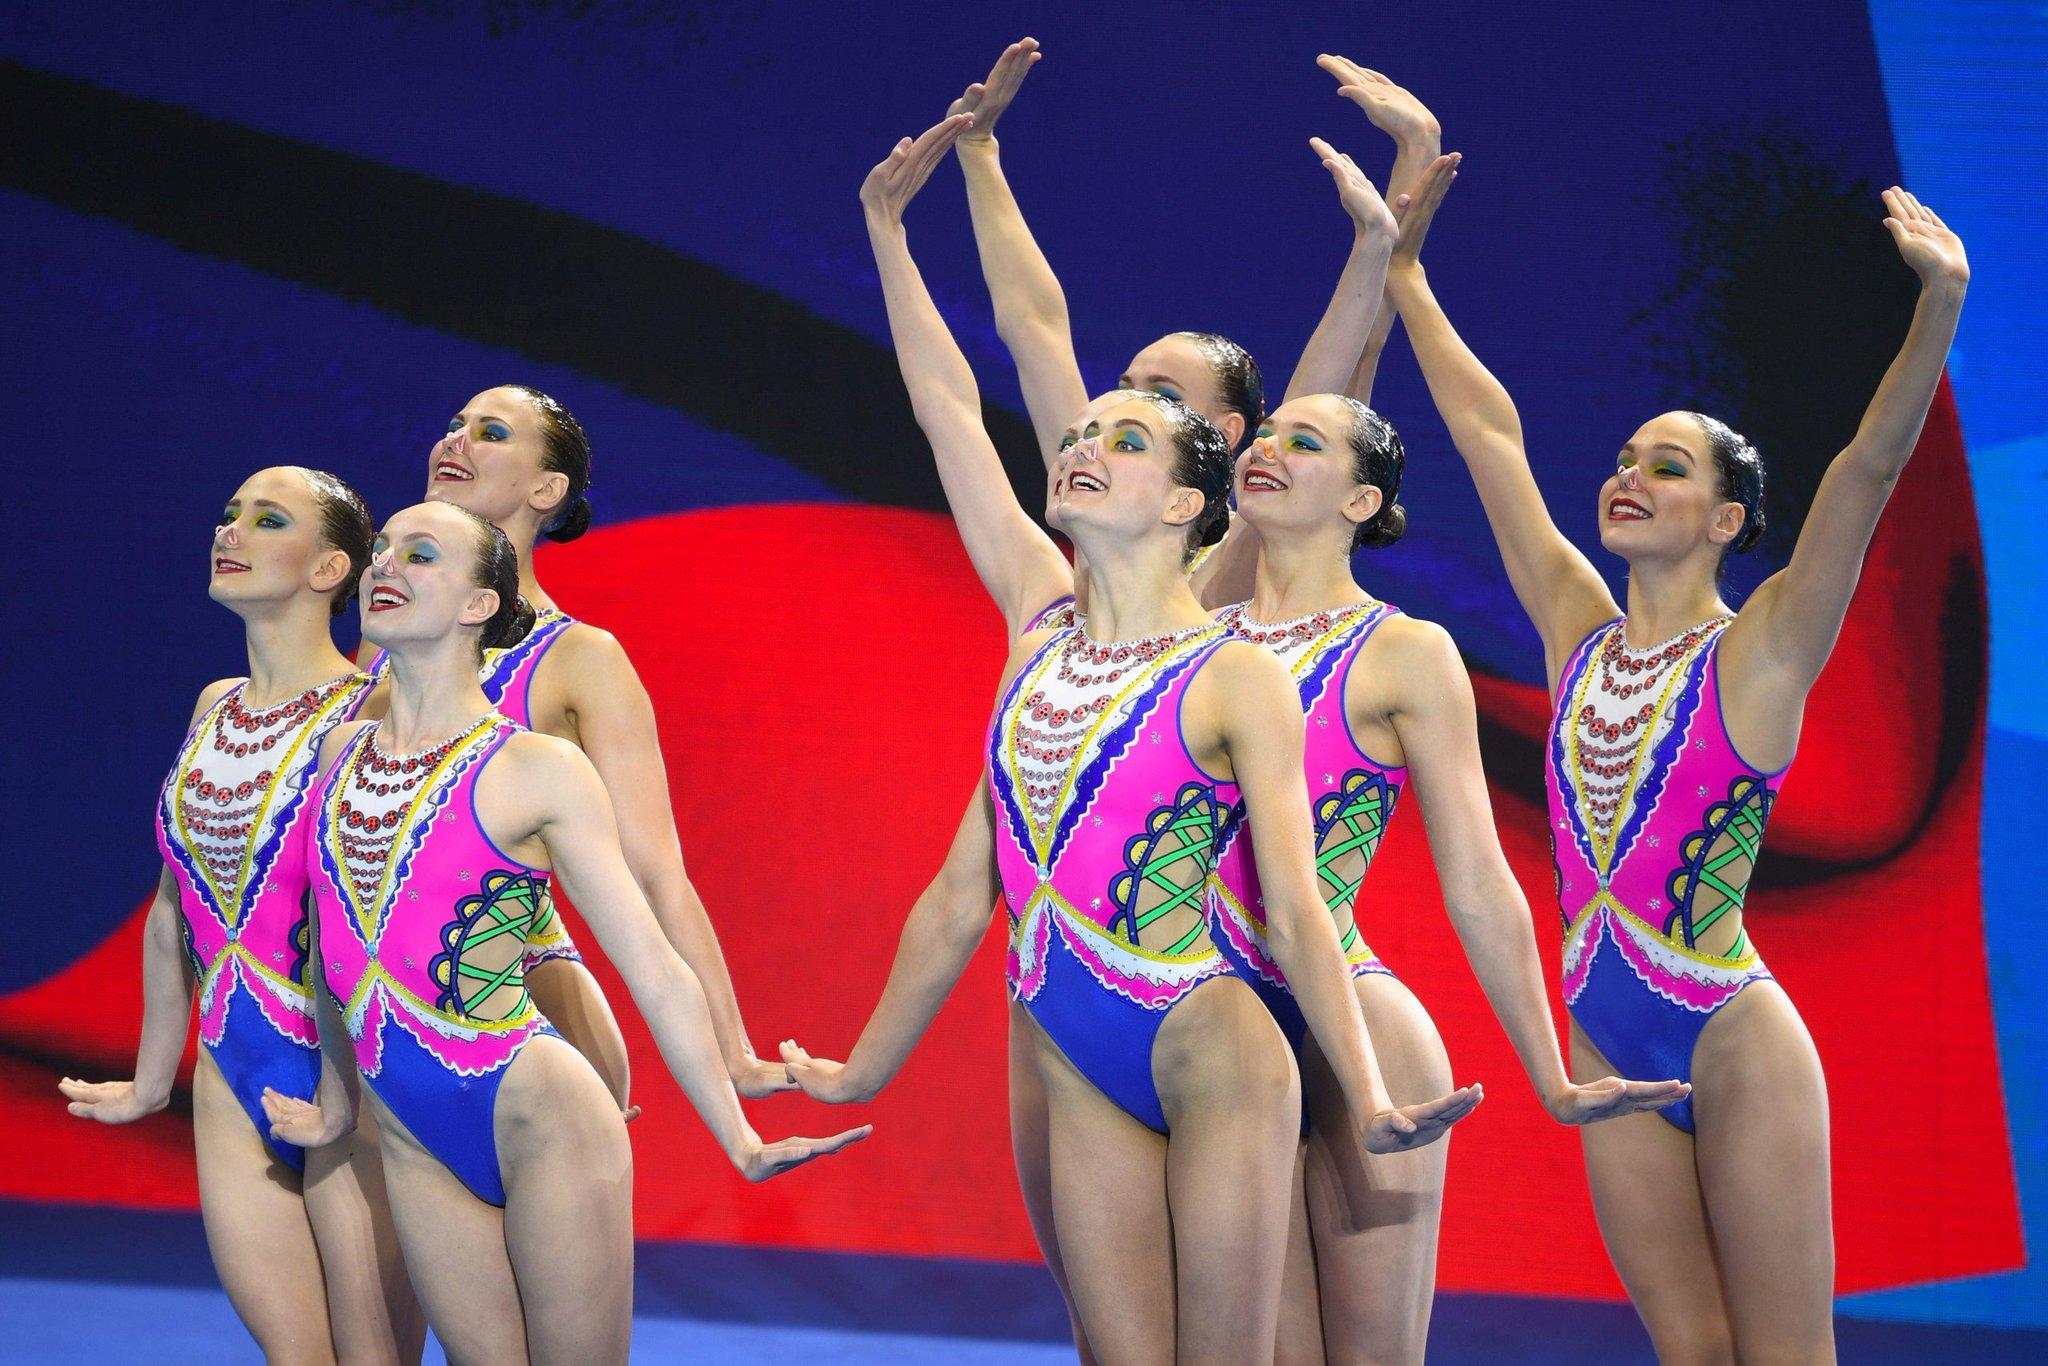 Мисс русская ночь фото лучшее отличаются видами